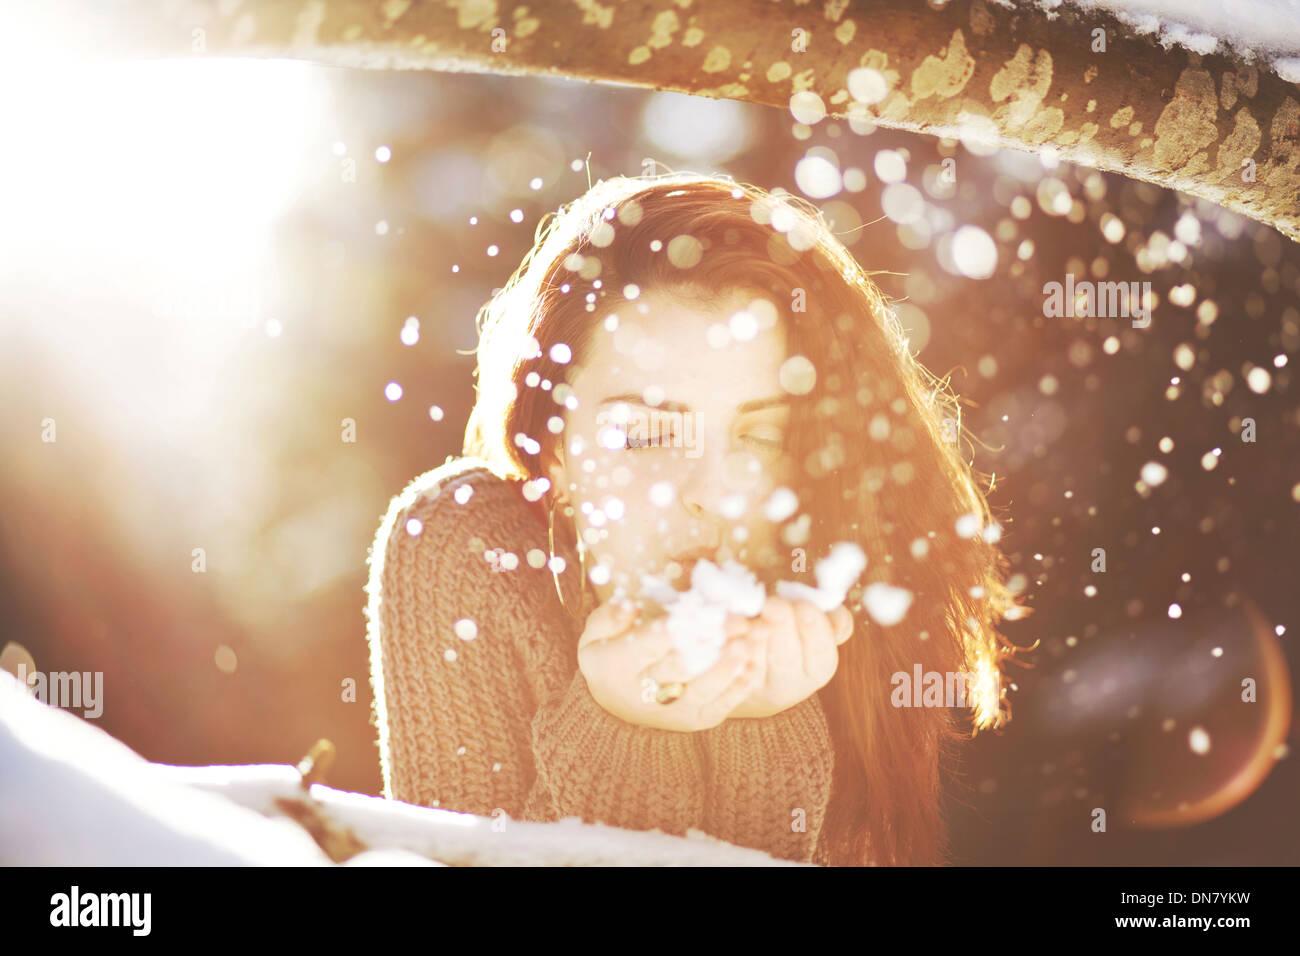 Portrait d'une jeune femme dans la neige en restrictions rétroéclairage:Cette image a des restrictions supplémentaires.Veuillez communiquer avec nous. Photo Stock